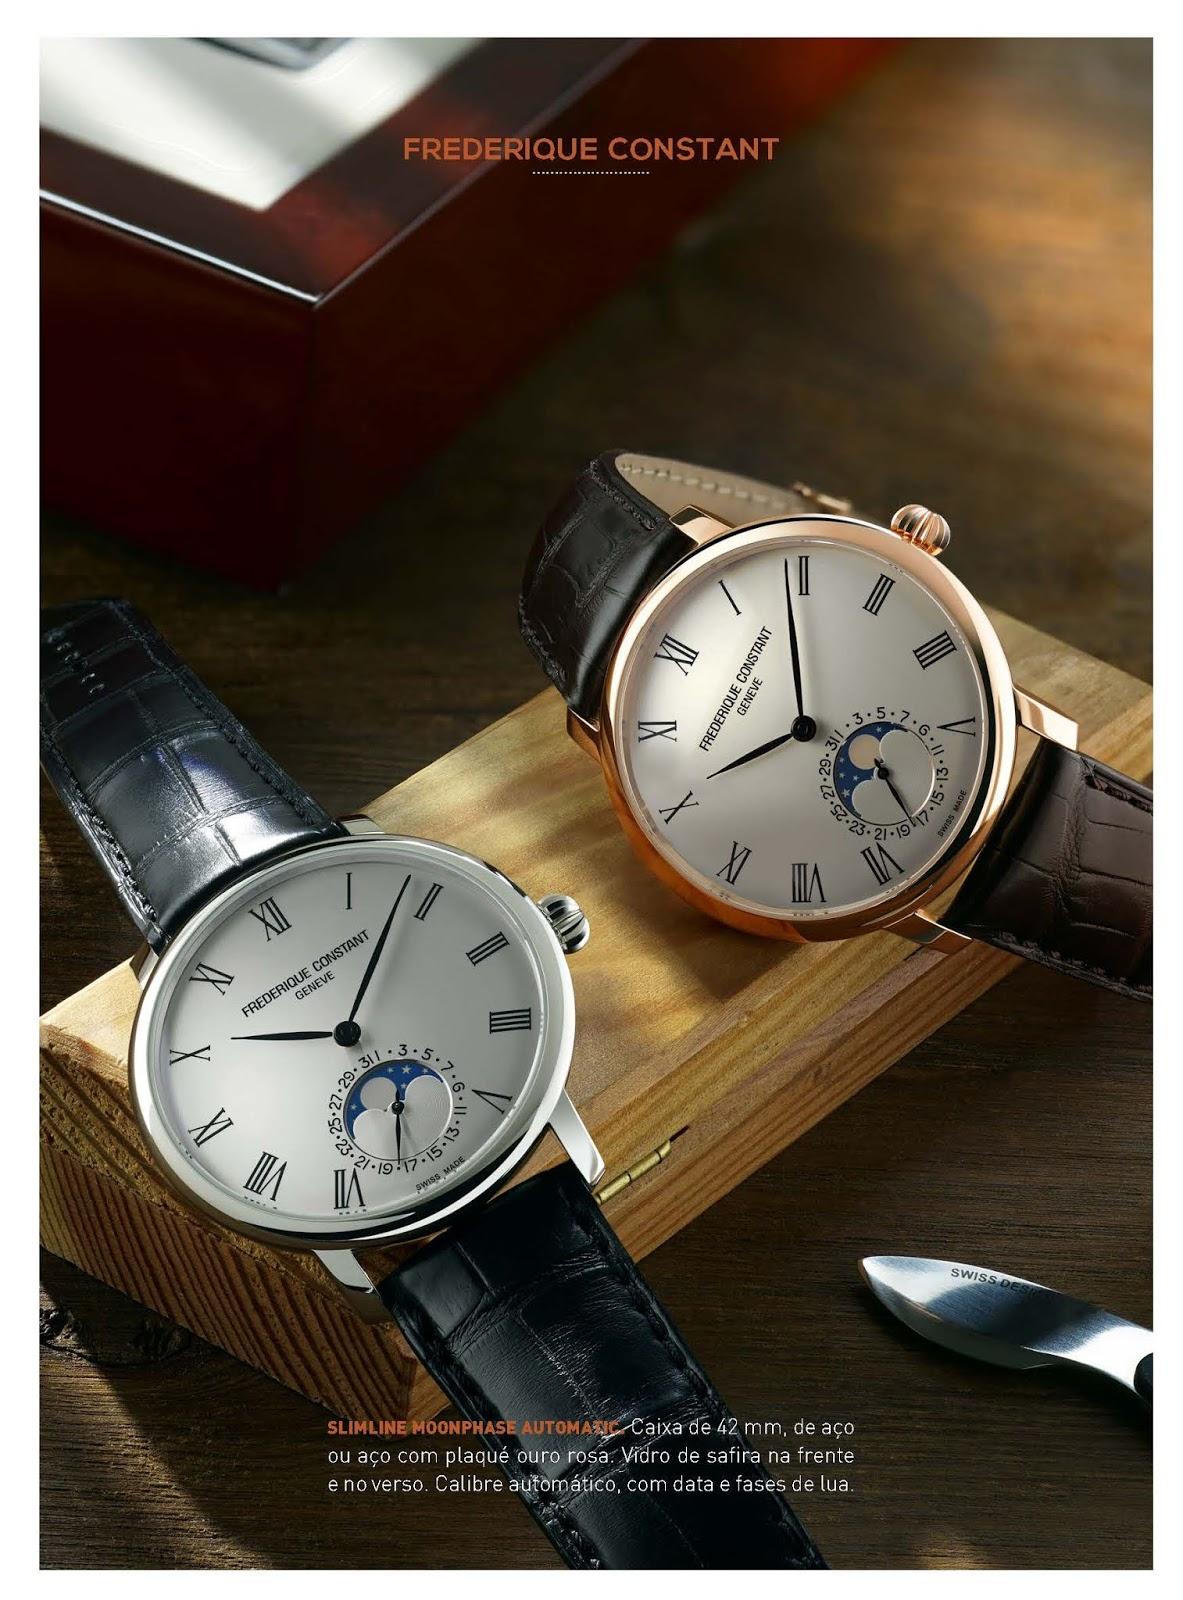 9dddcf473e3 Estação Cronográfica  Os relógios Frederique Constant no Relógios ...